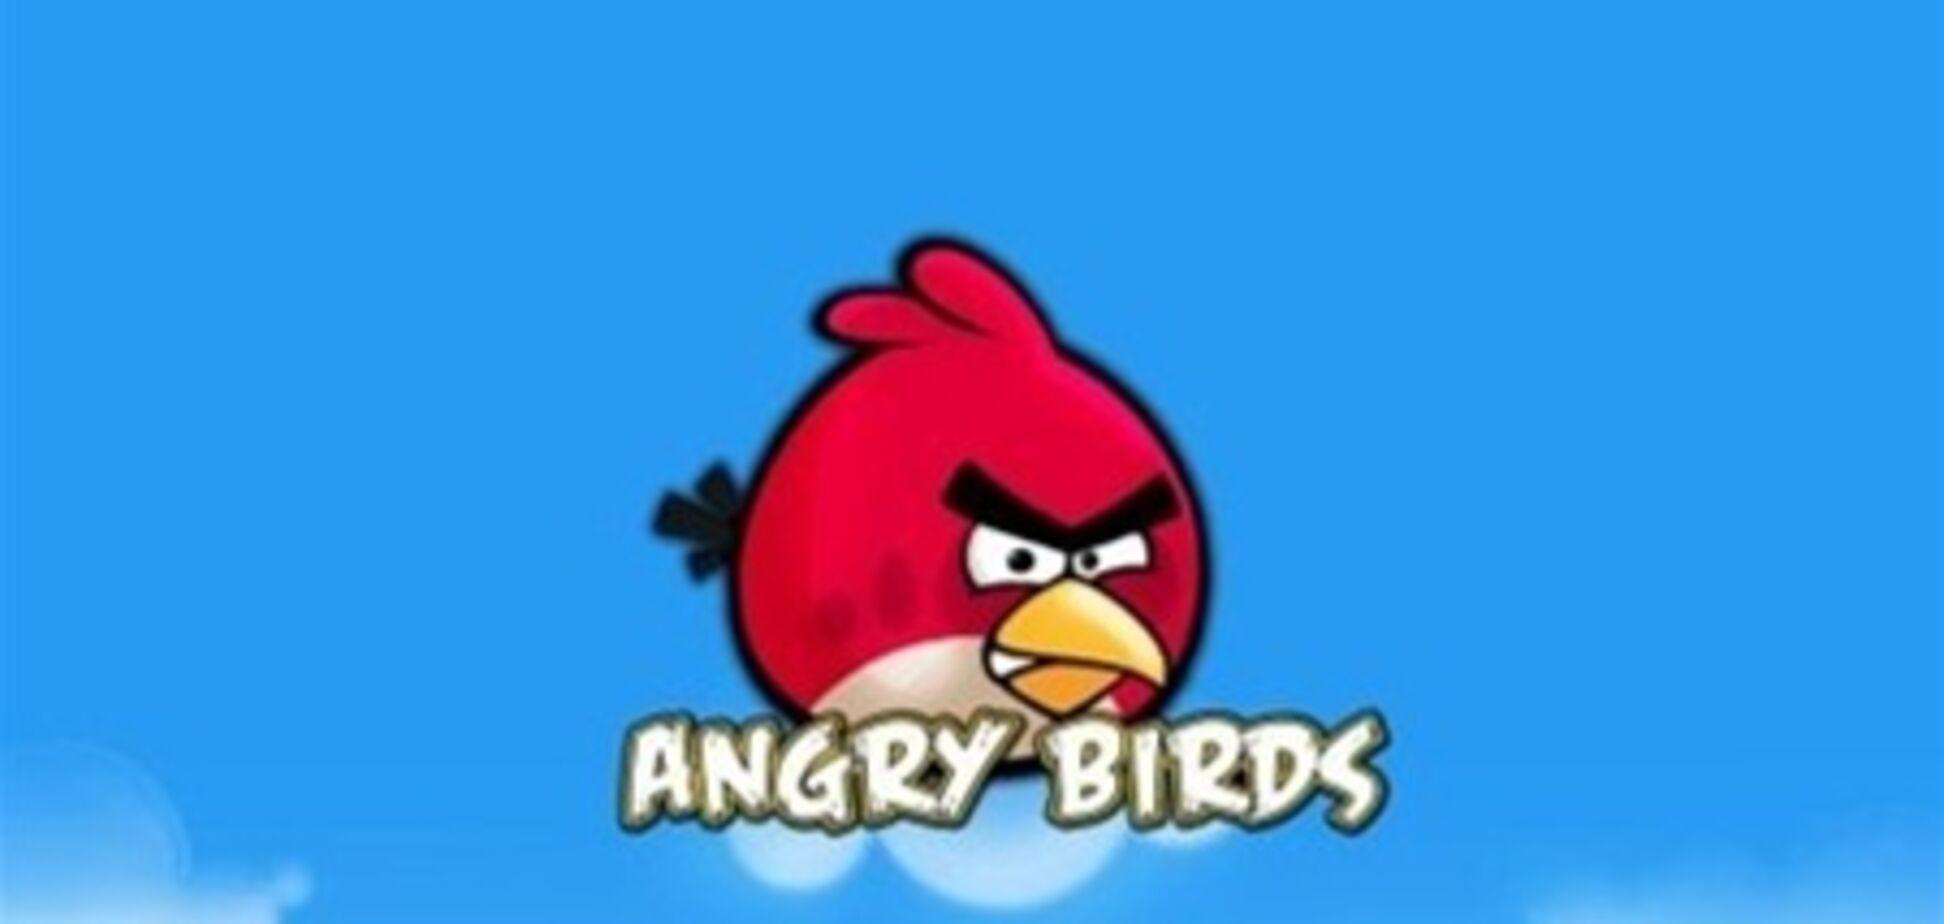 Правительство Новой Зеландии разыскивает Angry birds